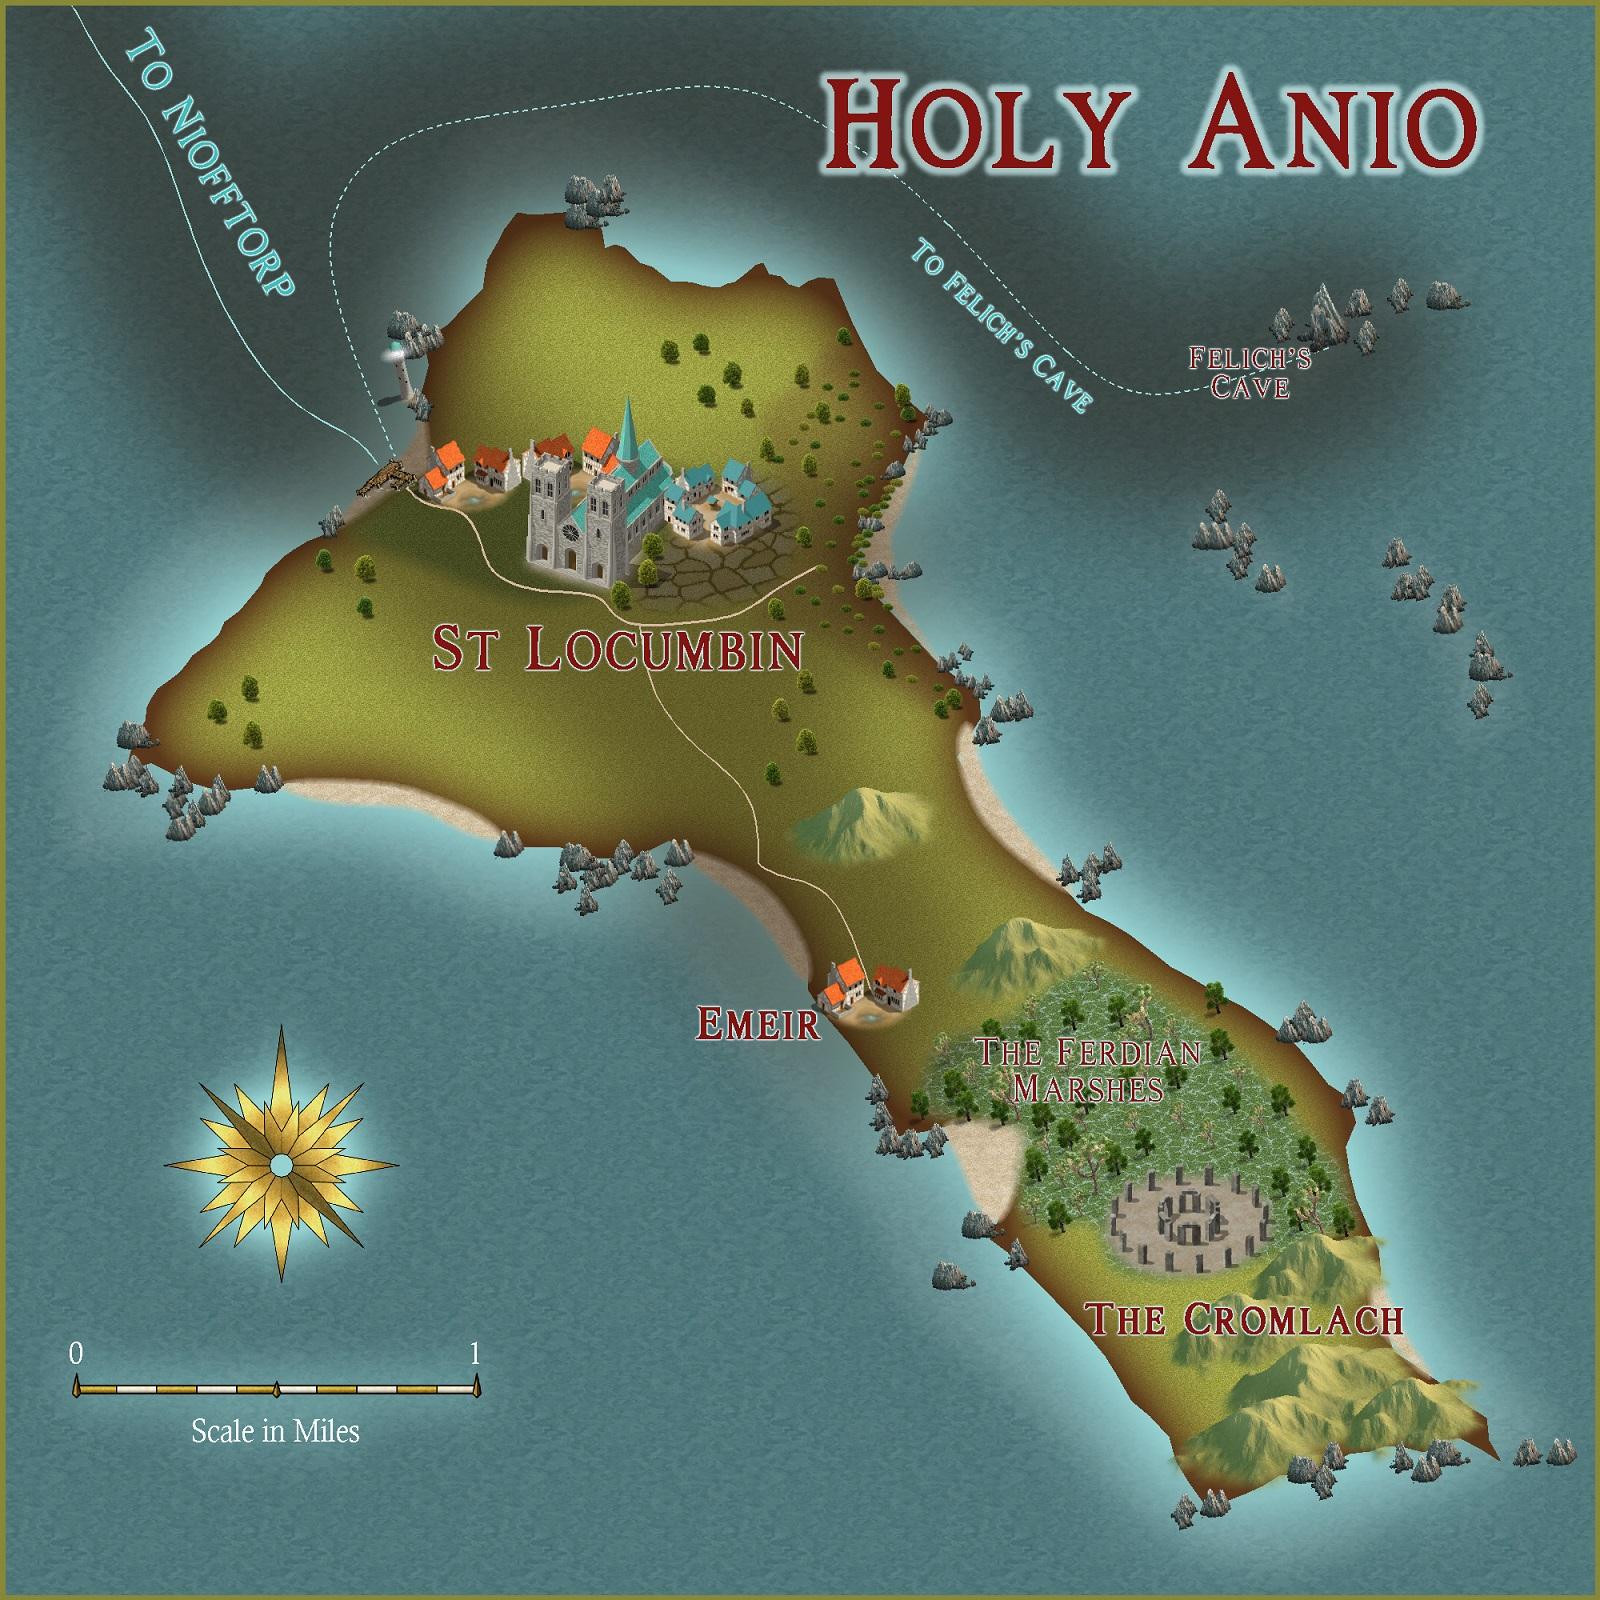 Holy Anio SMALL.JPG